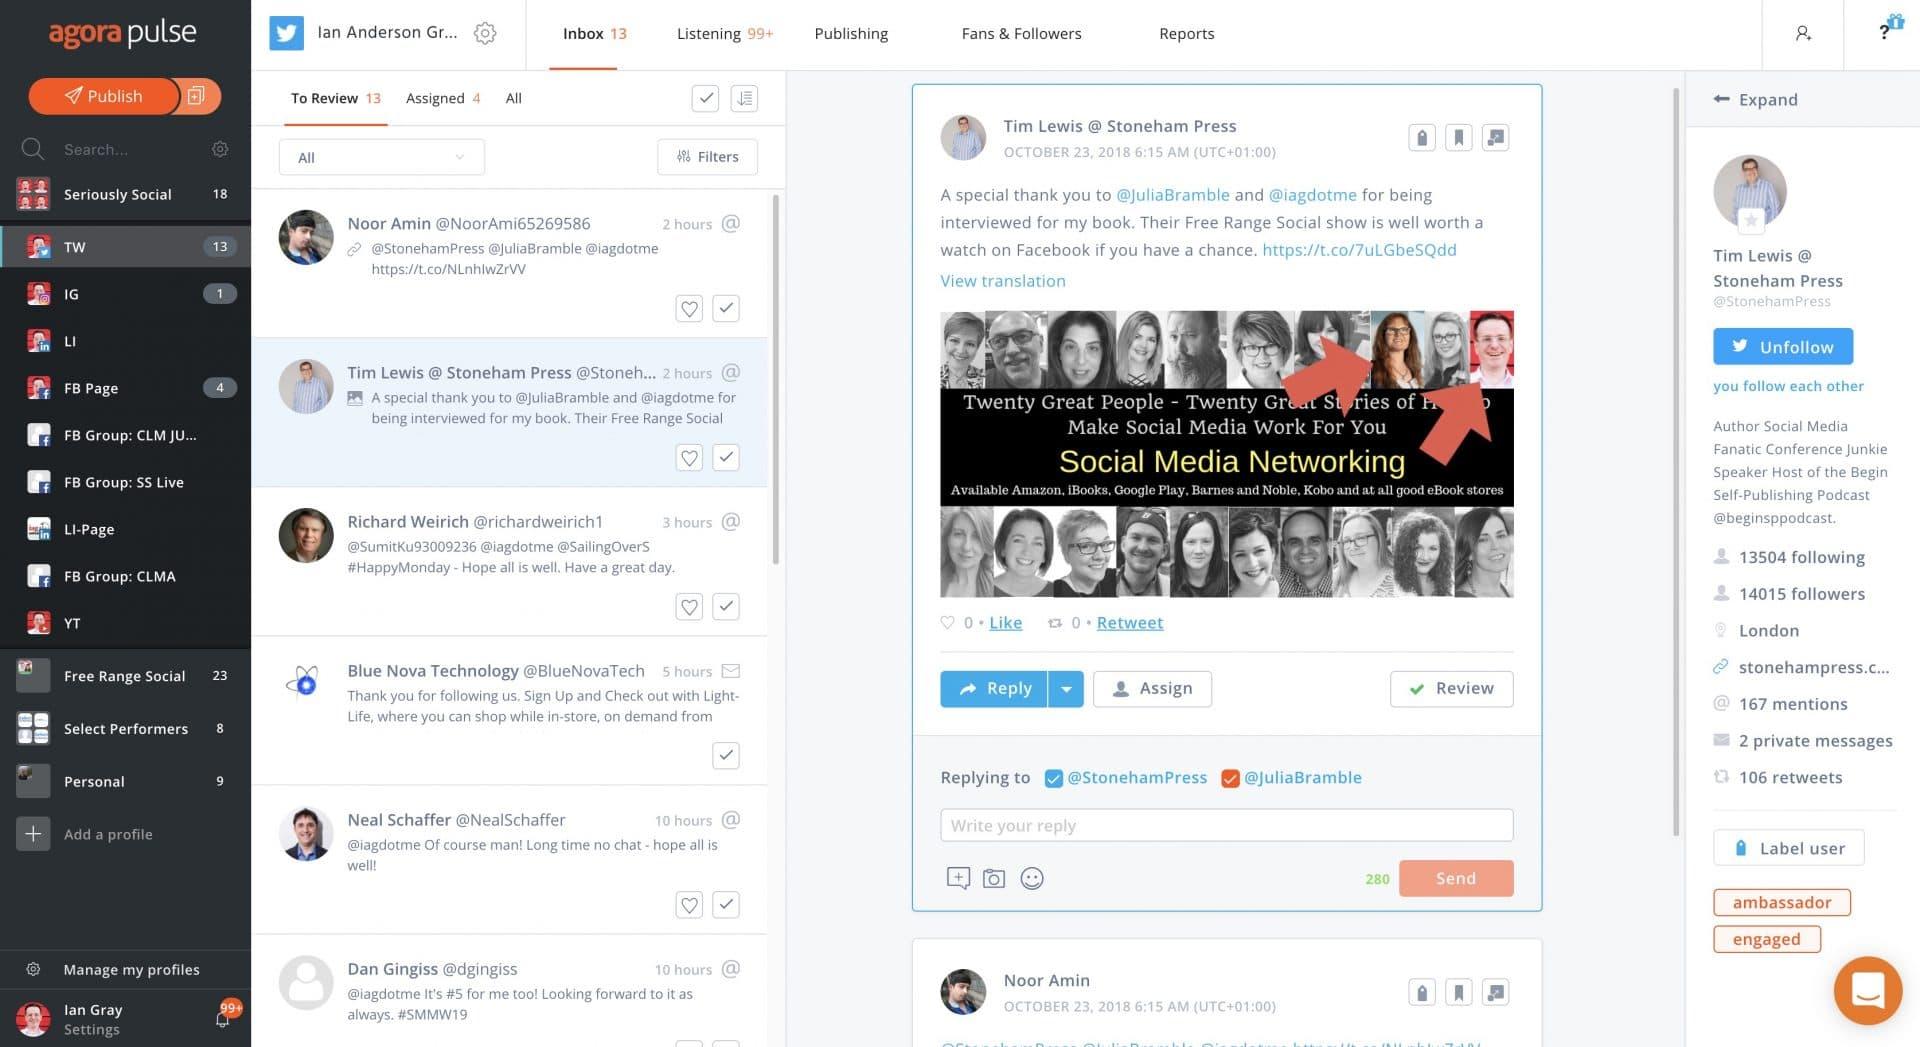 Agorapulse's Per-network Inbox View